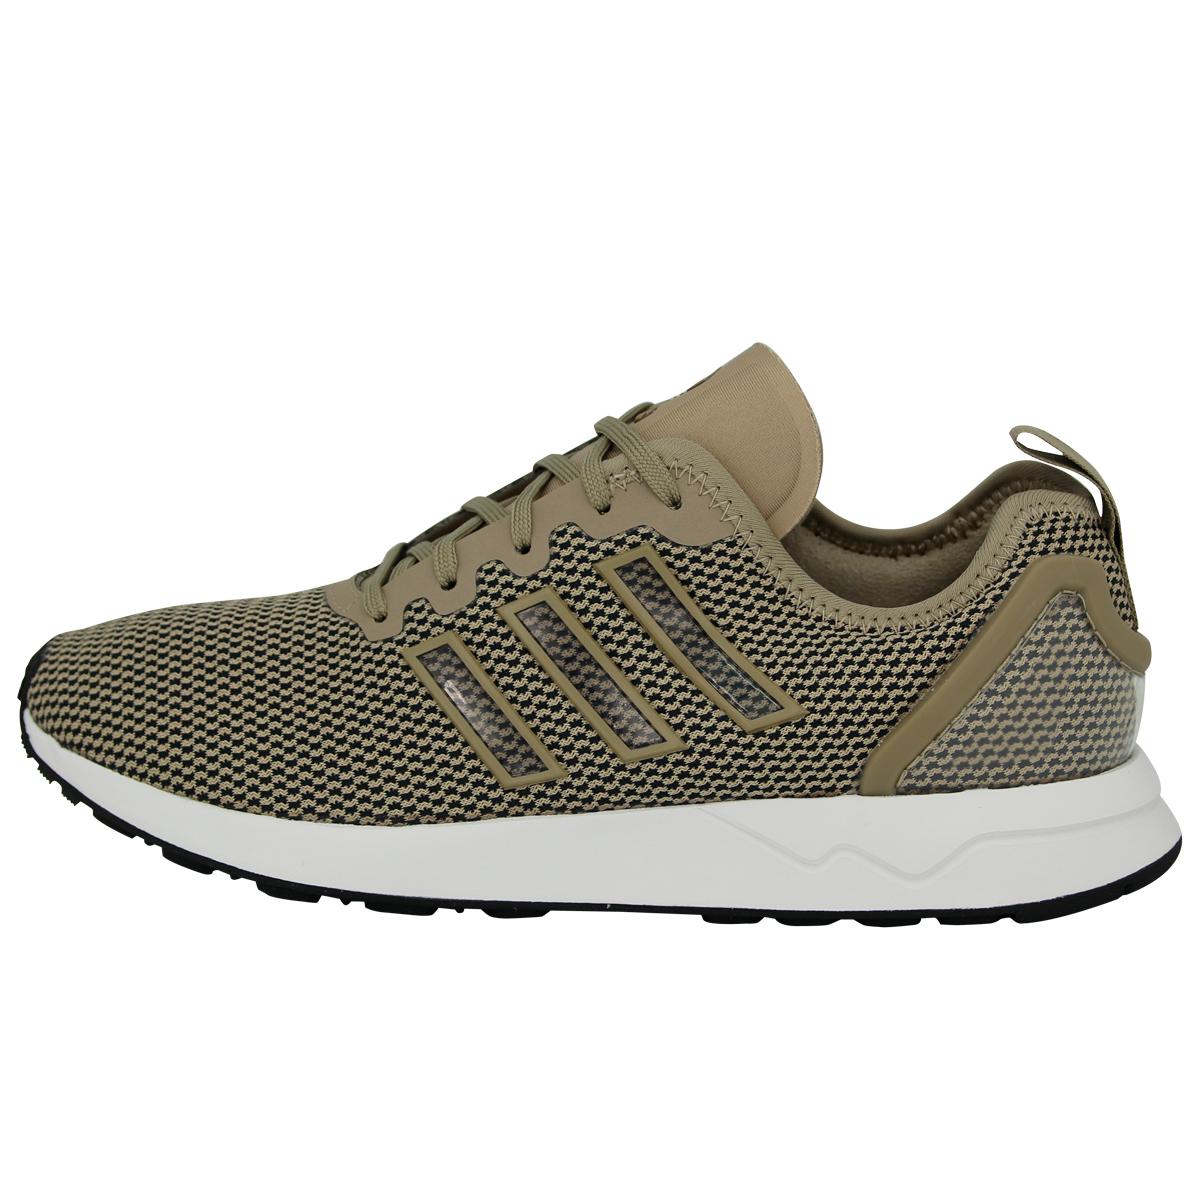 Adidas Originals Marrón ZX Flux ADV Marrón Originals Zapatos Zapatillas De Mujer a61c05